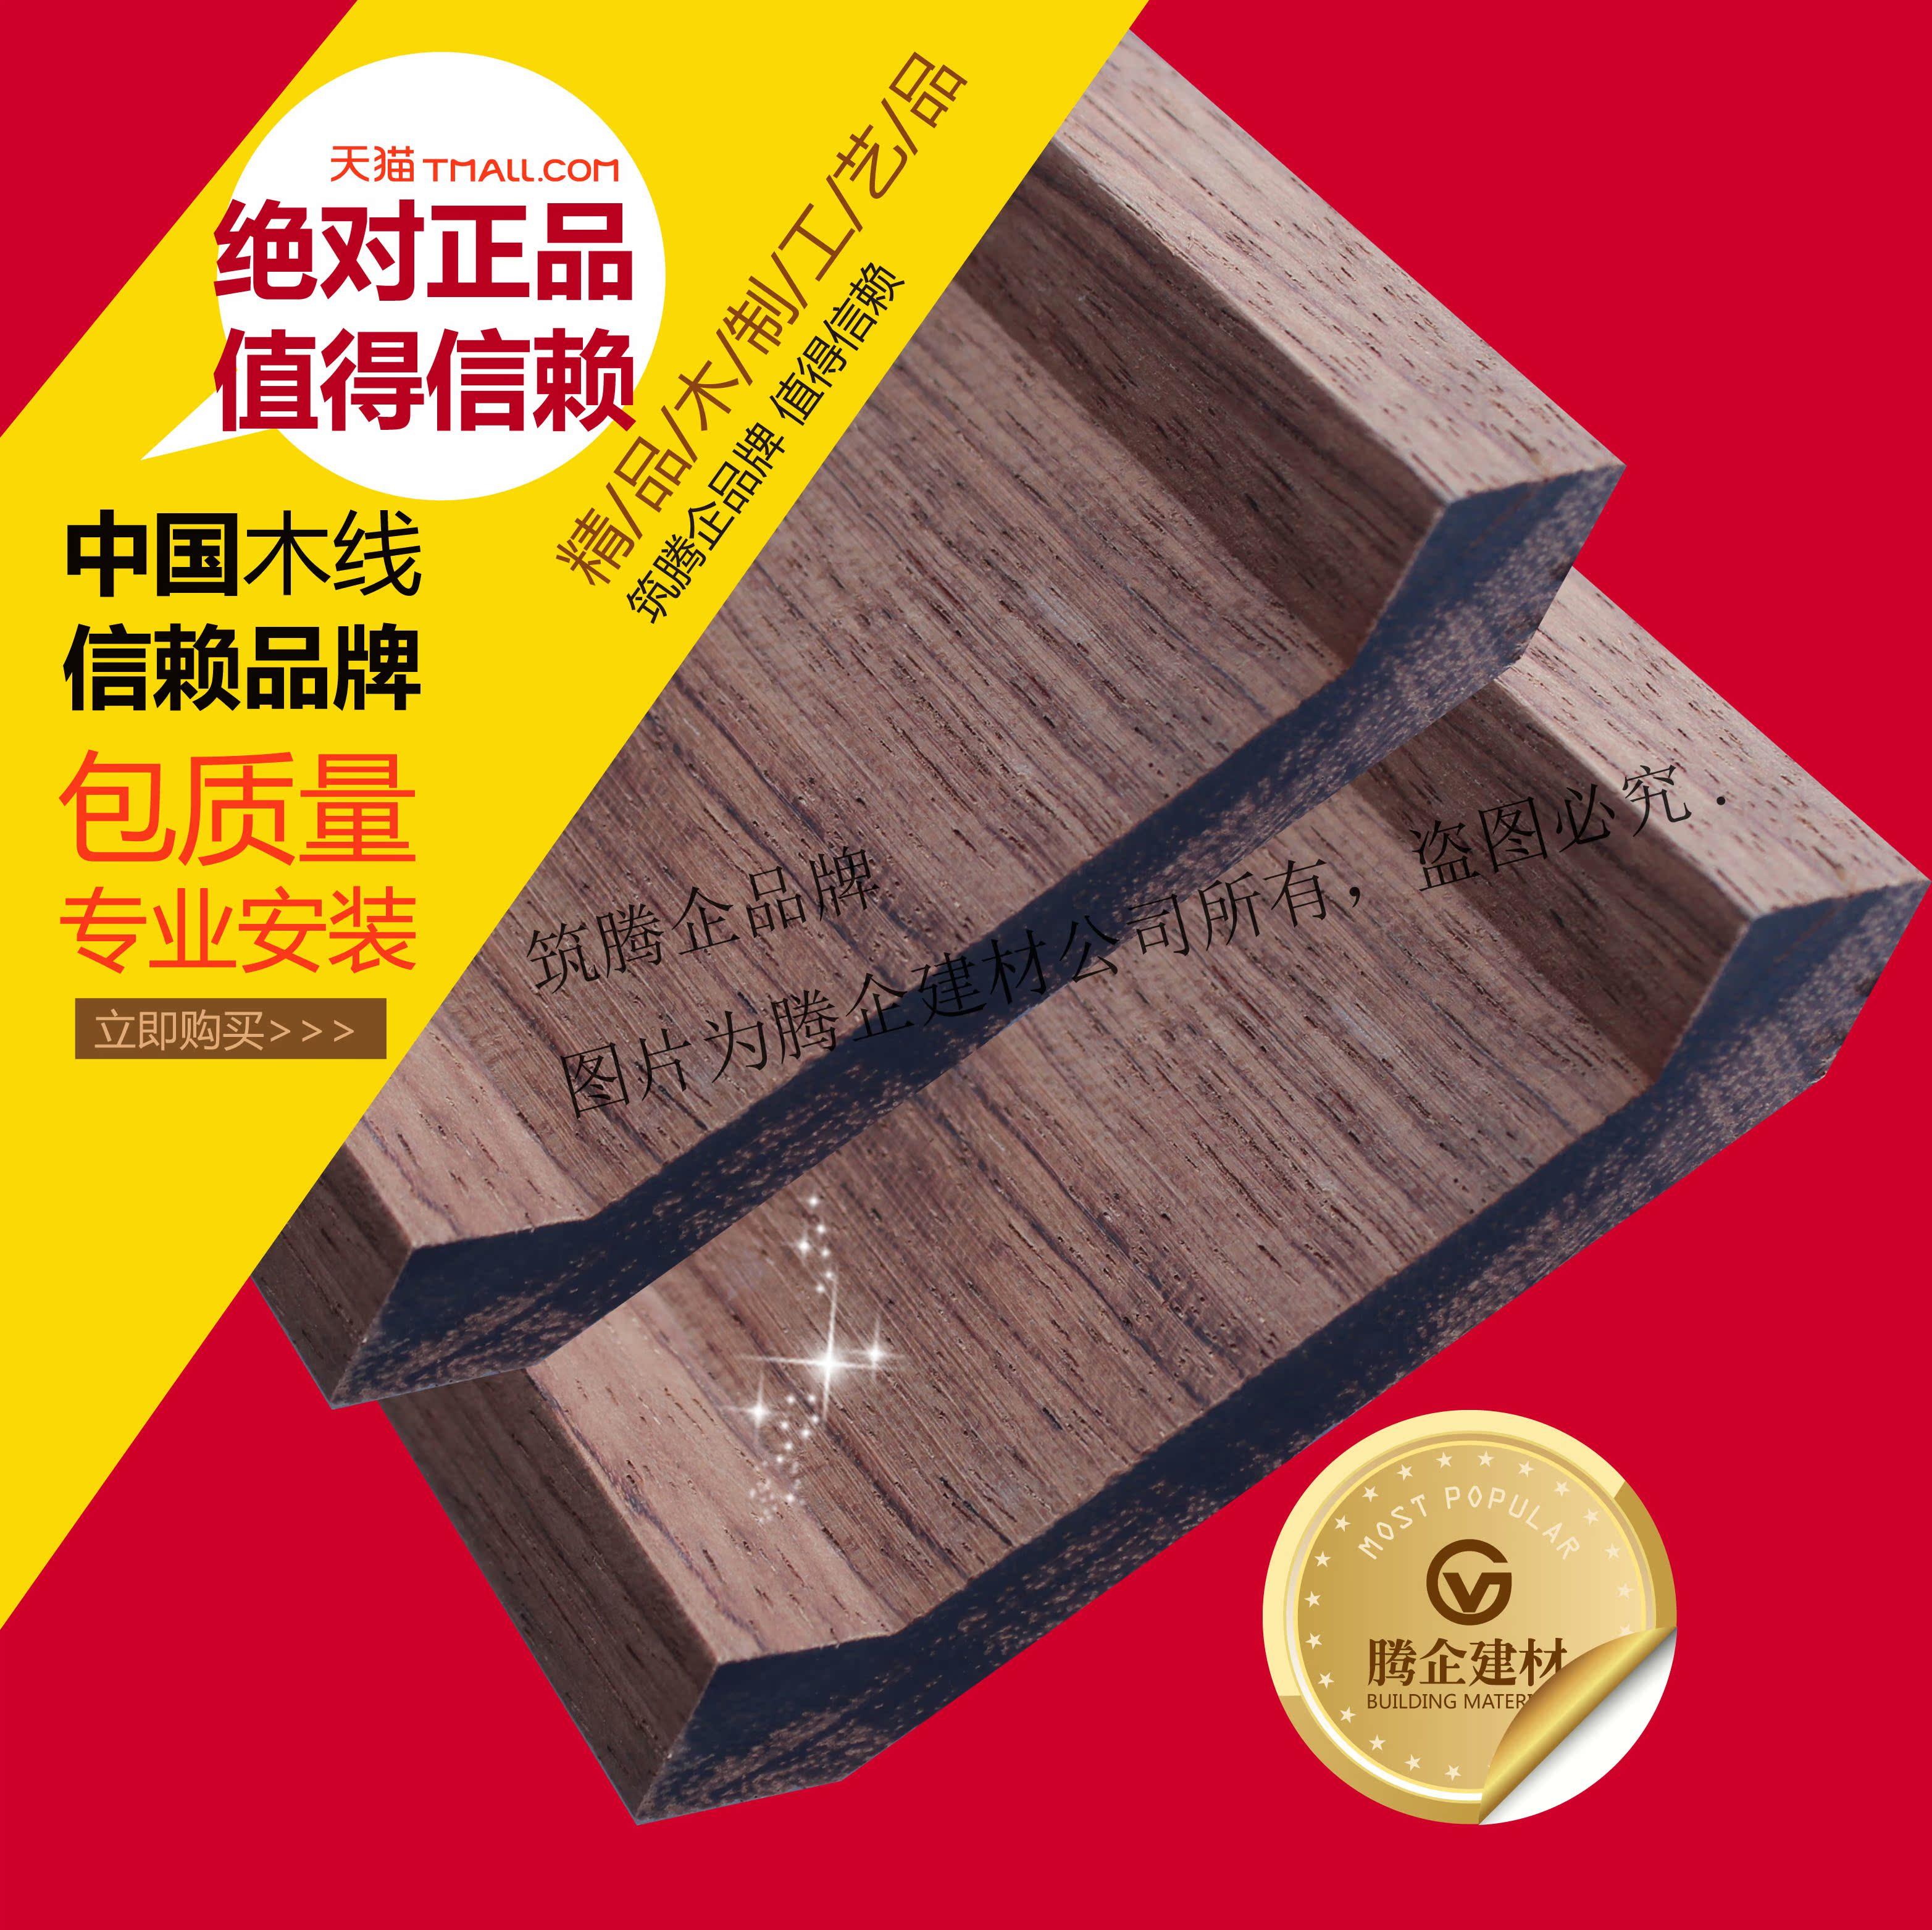 筑腾企品牌巴西花梨木实木线条装饰木线条门8.5*1.5厘米